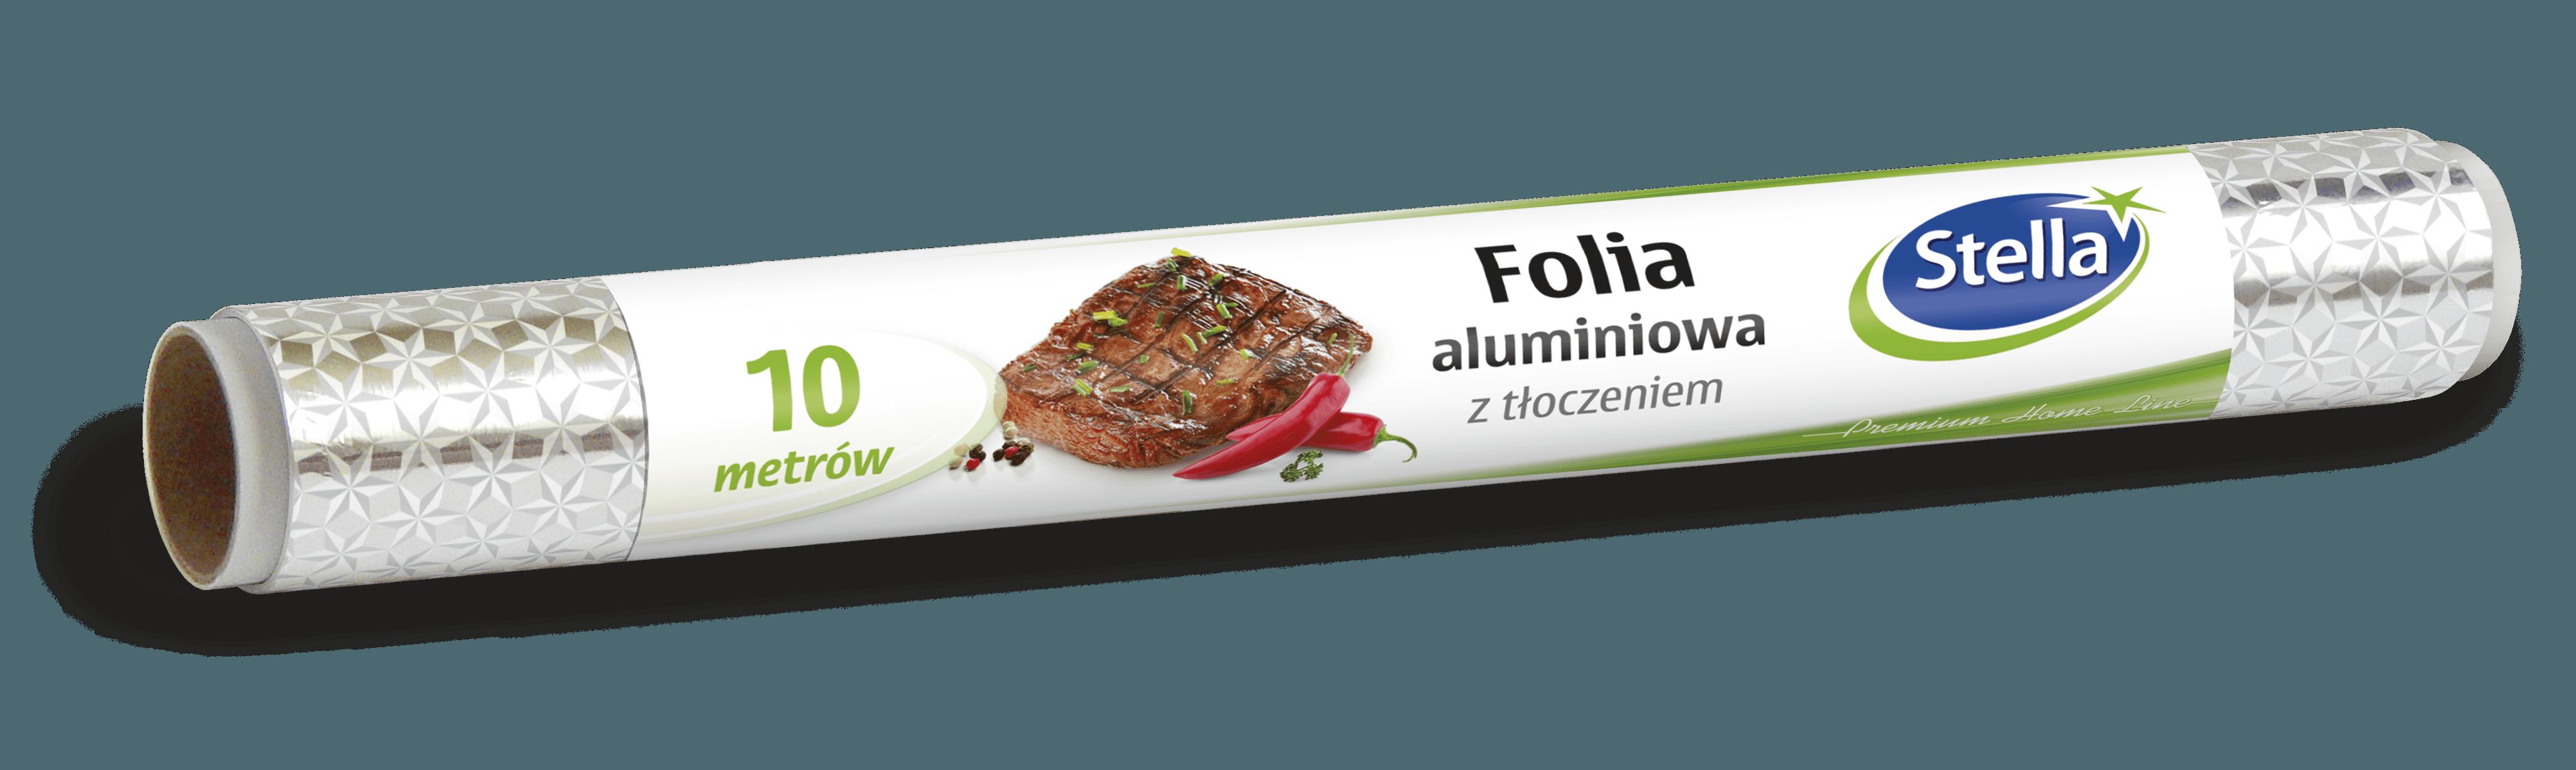 Folia aluminiowa z tłoczeniem 10m rolka STELLA